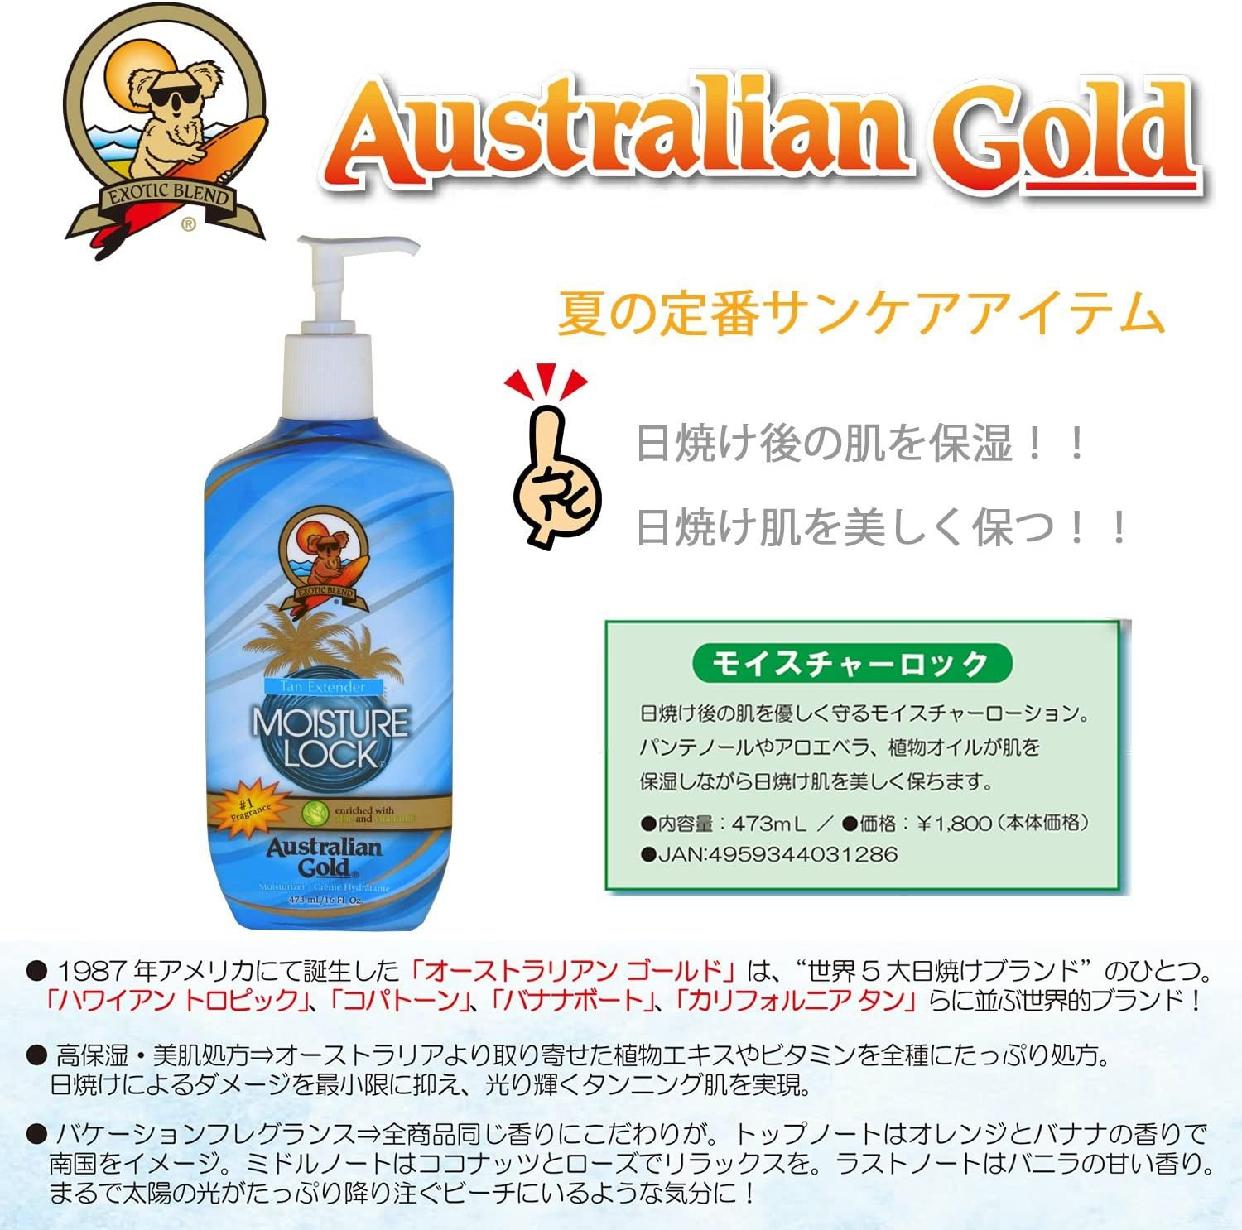 Australian Gold(オーストラリアンゴールド) モイスチャーロックの商品画像2